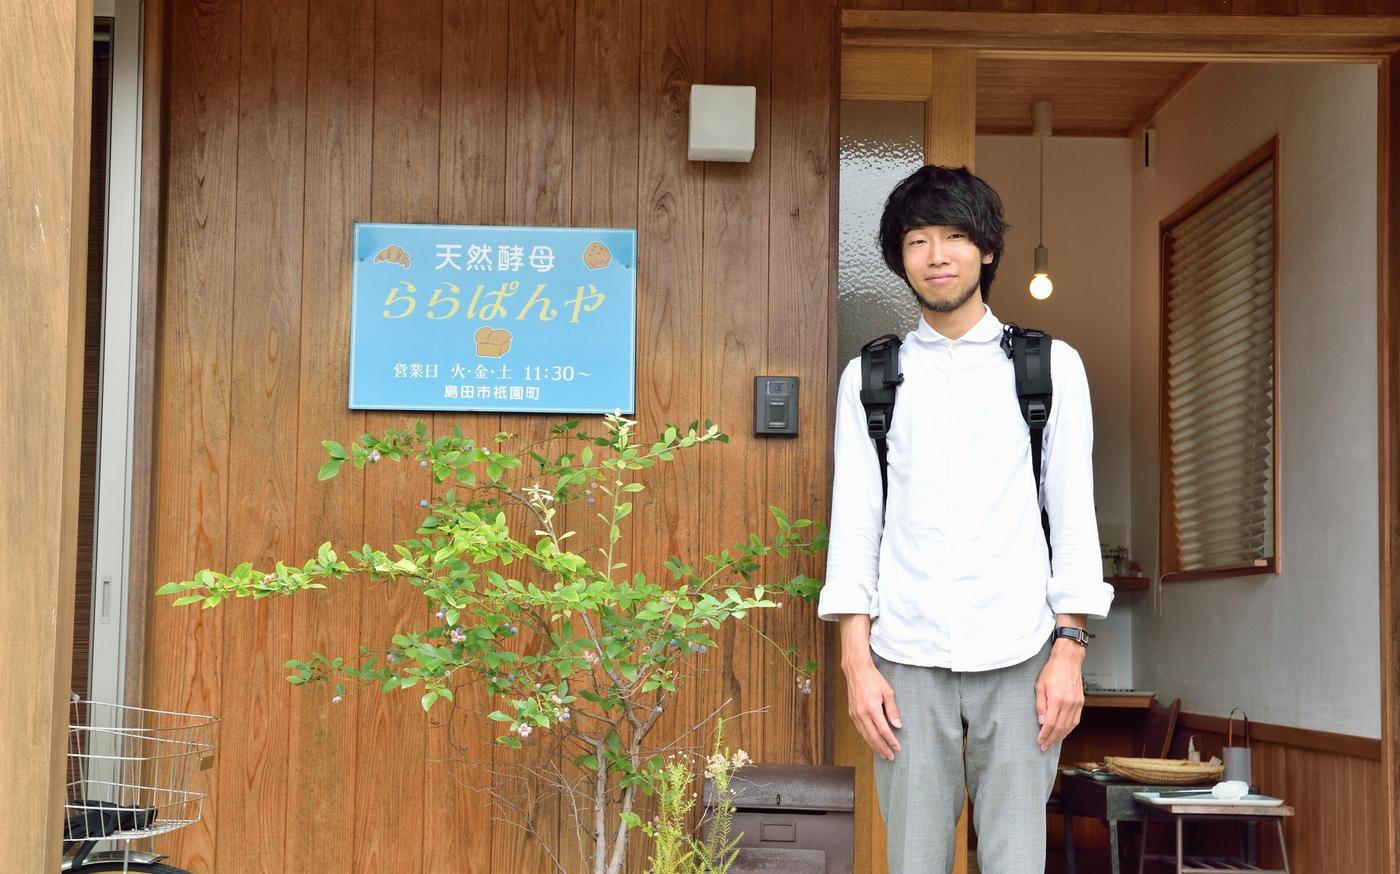 ららぱんや(島田市)_吉松